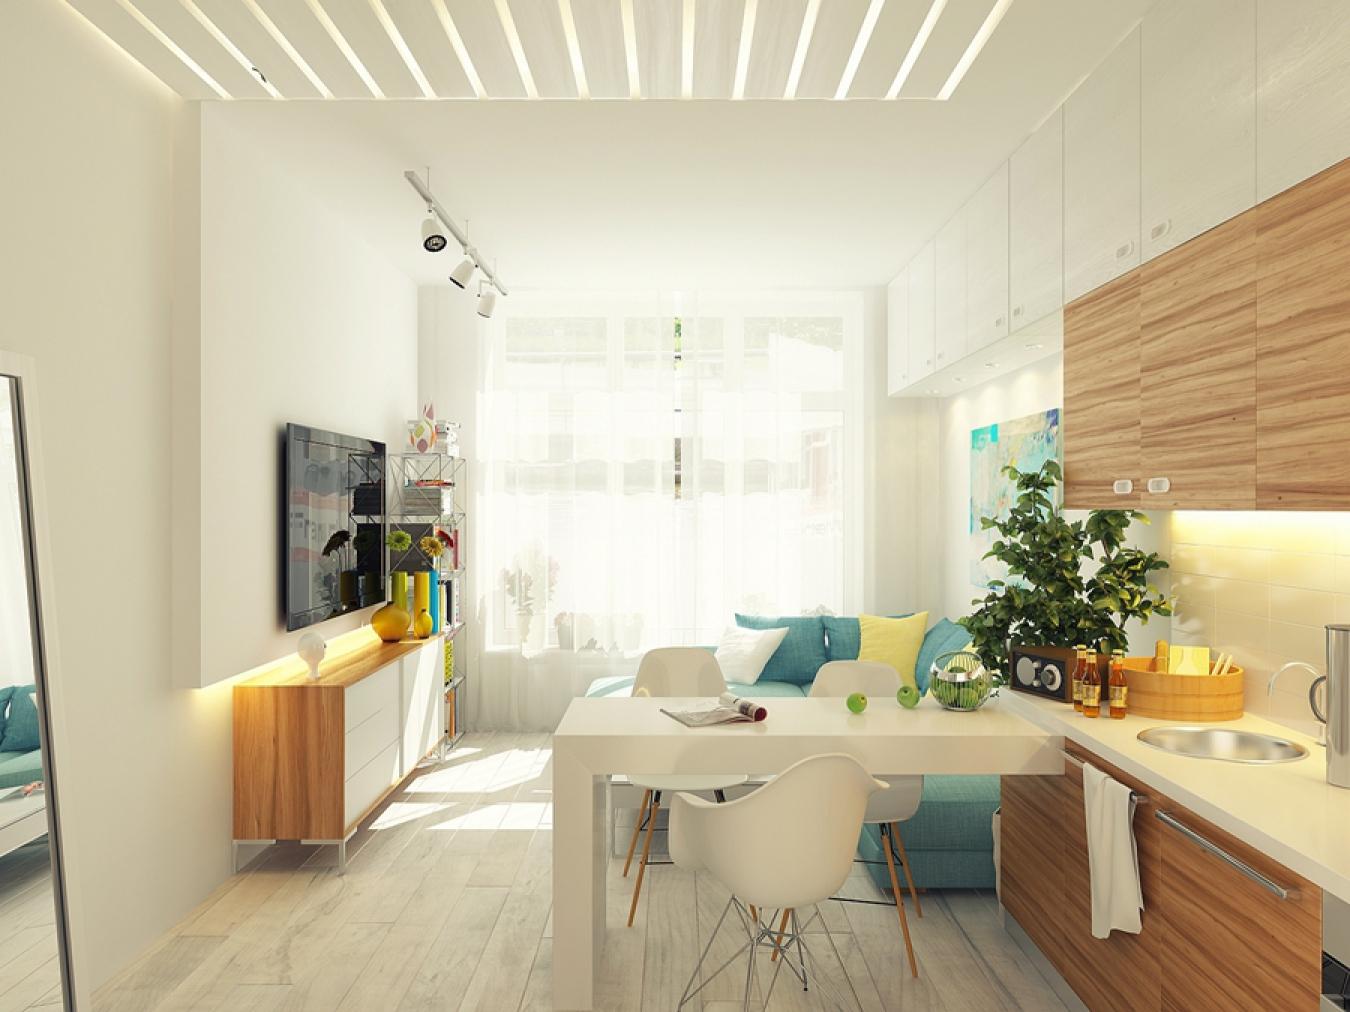 Комната студия с кухней дизайн 12 квадратов